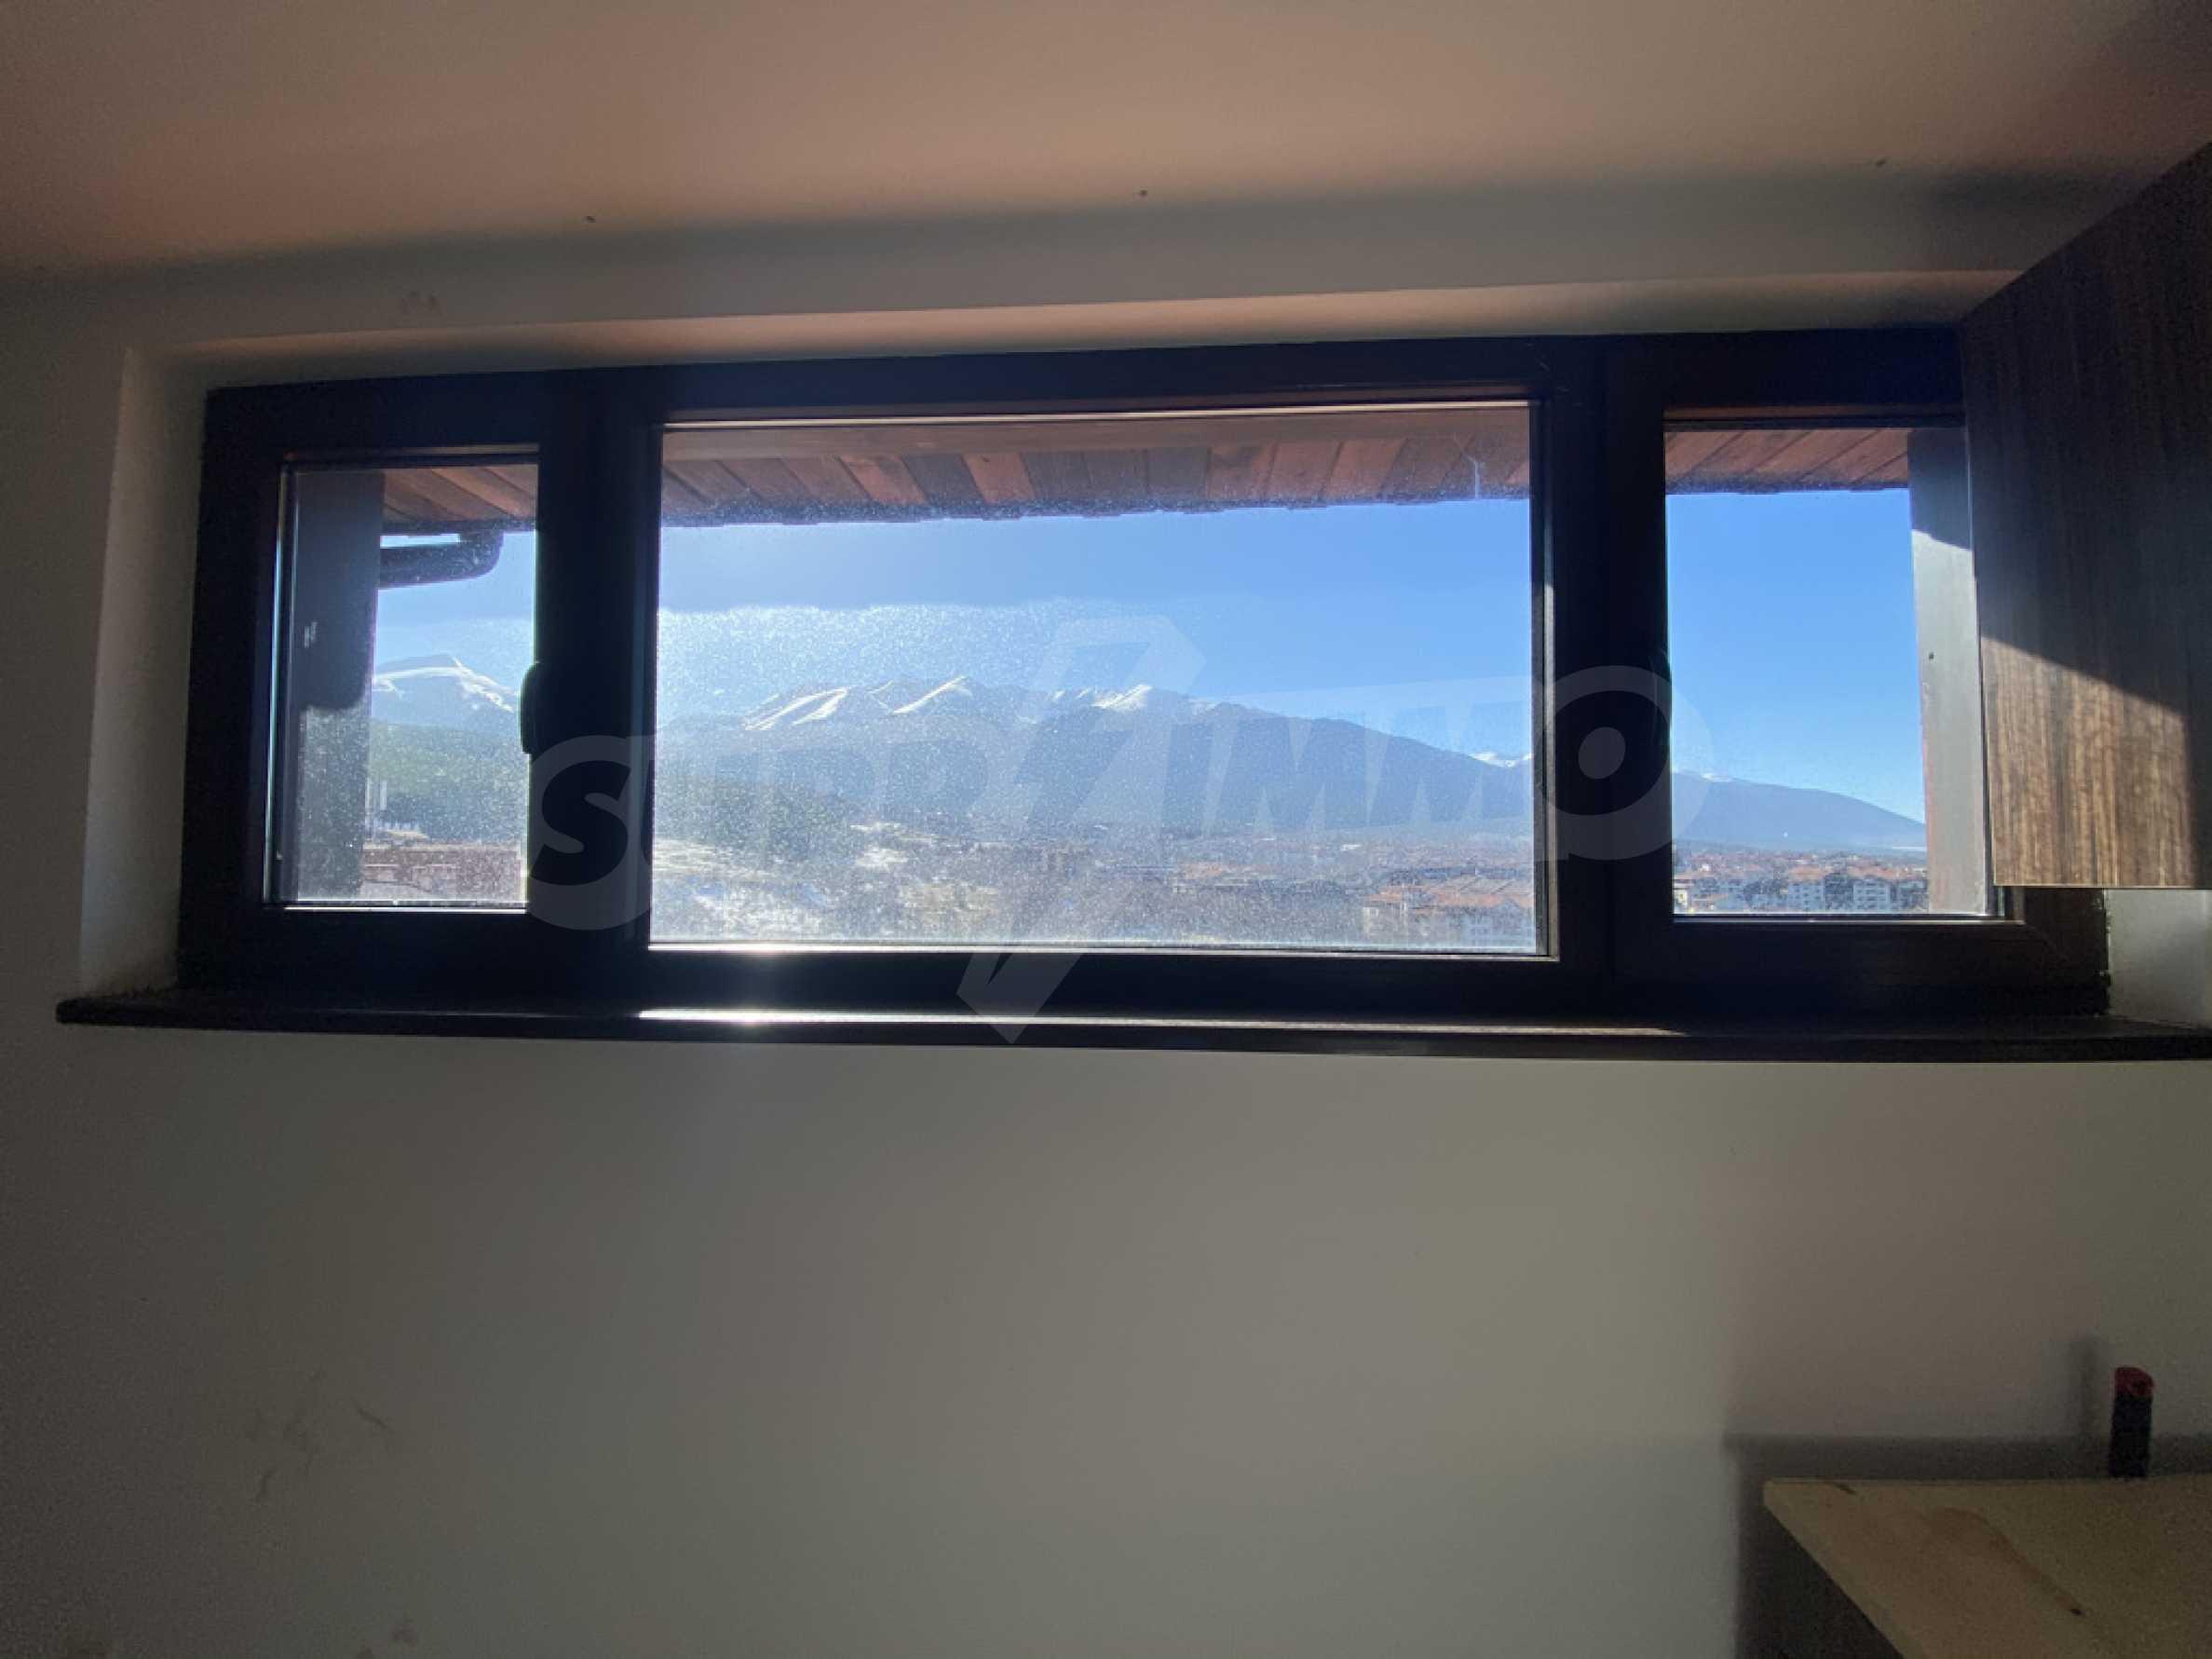 Необзаведен едностаен апартамент за продажба в СПА комплекс в Банско 4